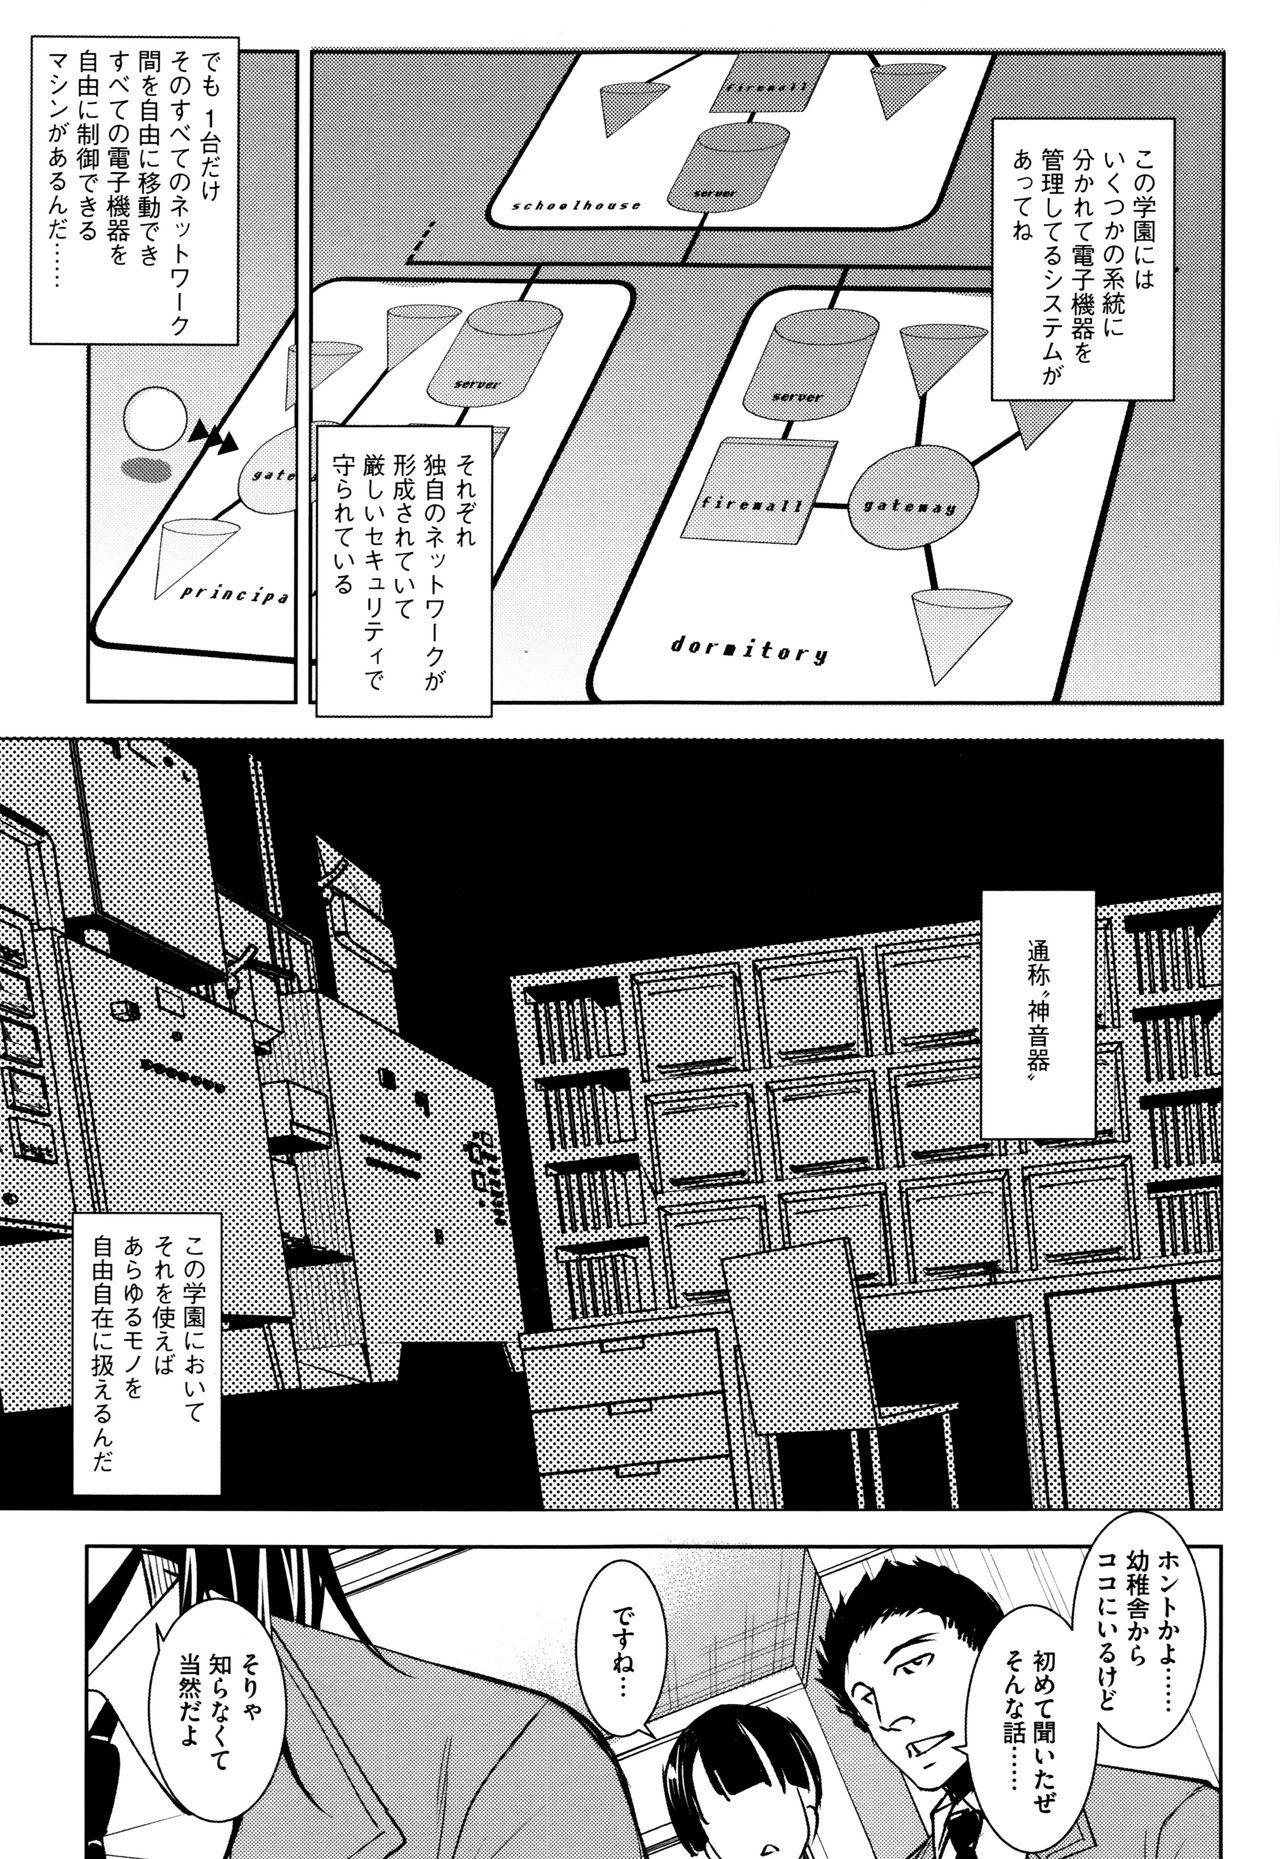 Seida Inyou 115